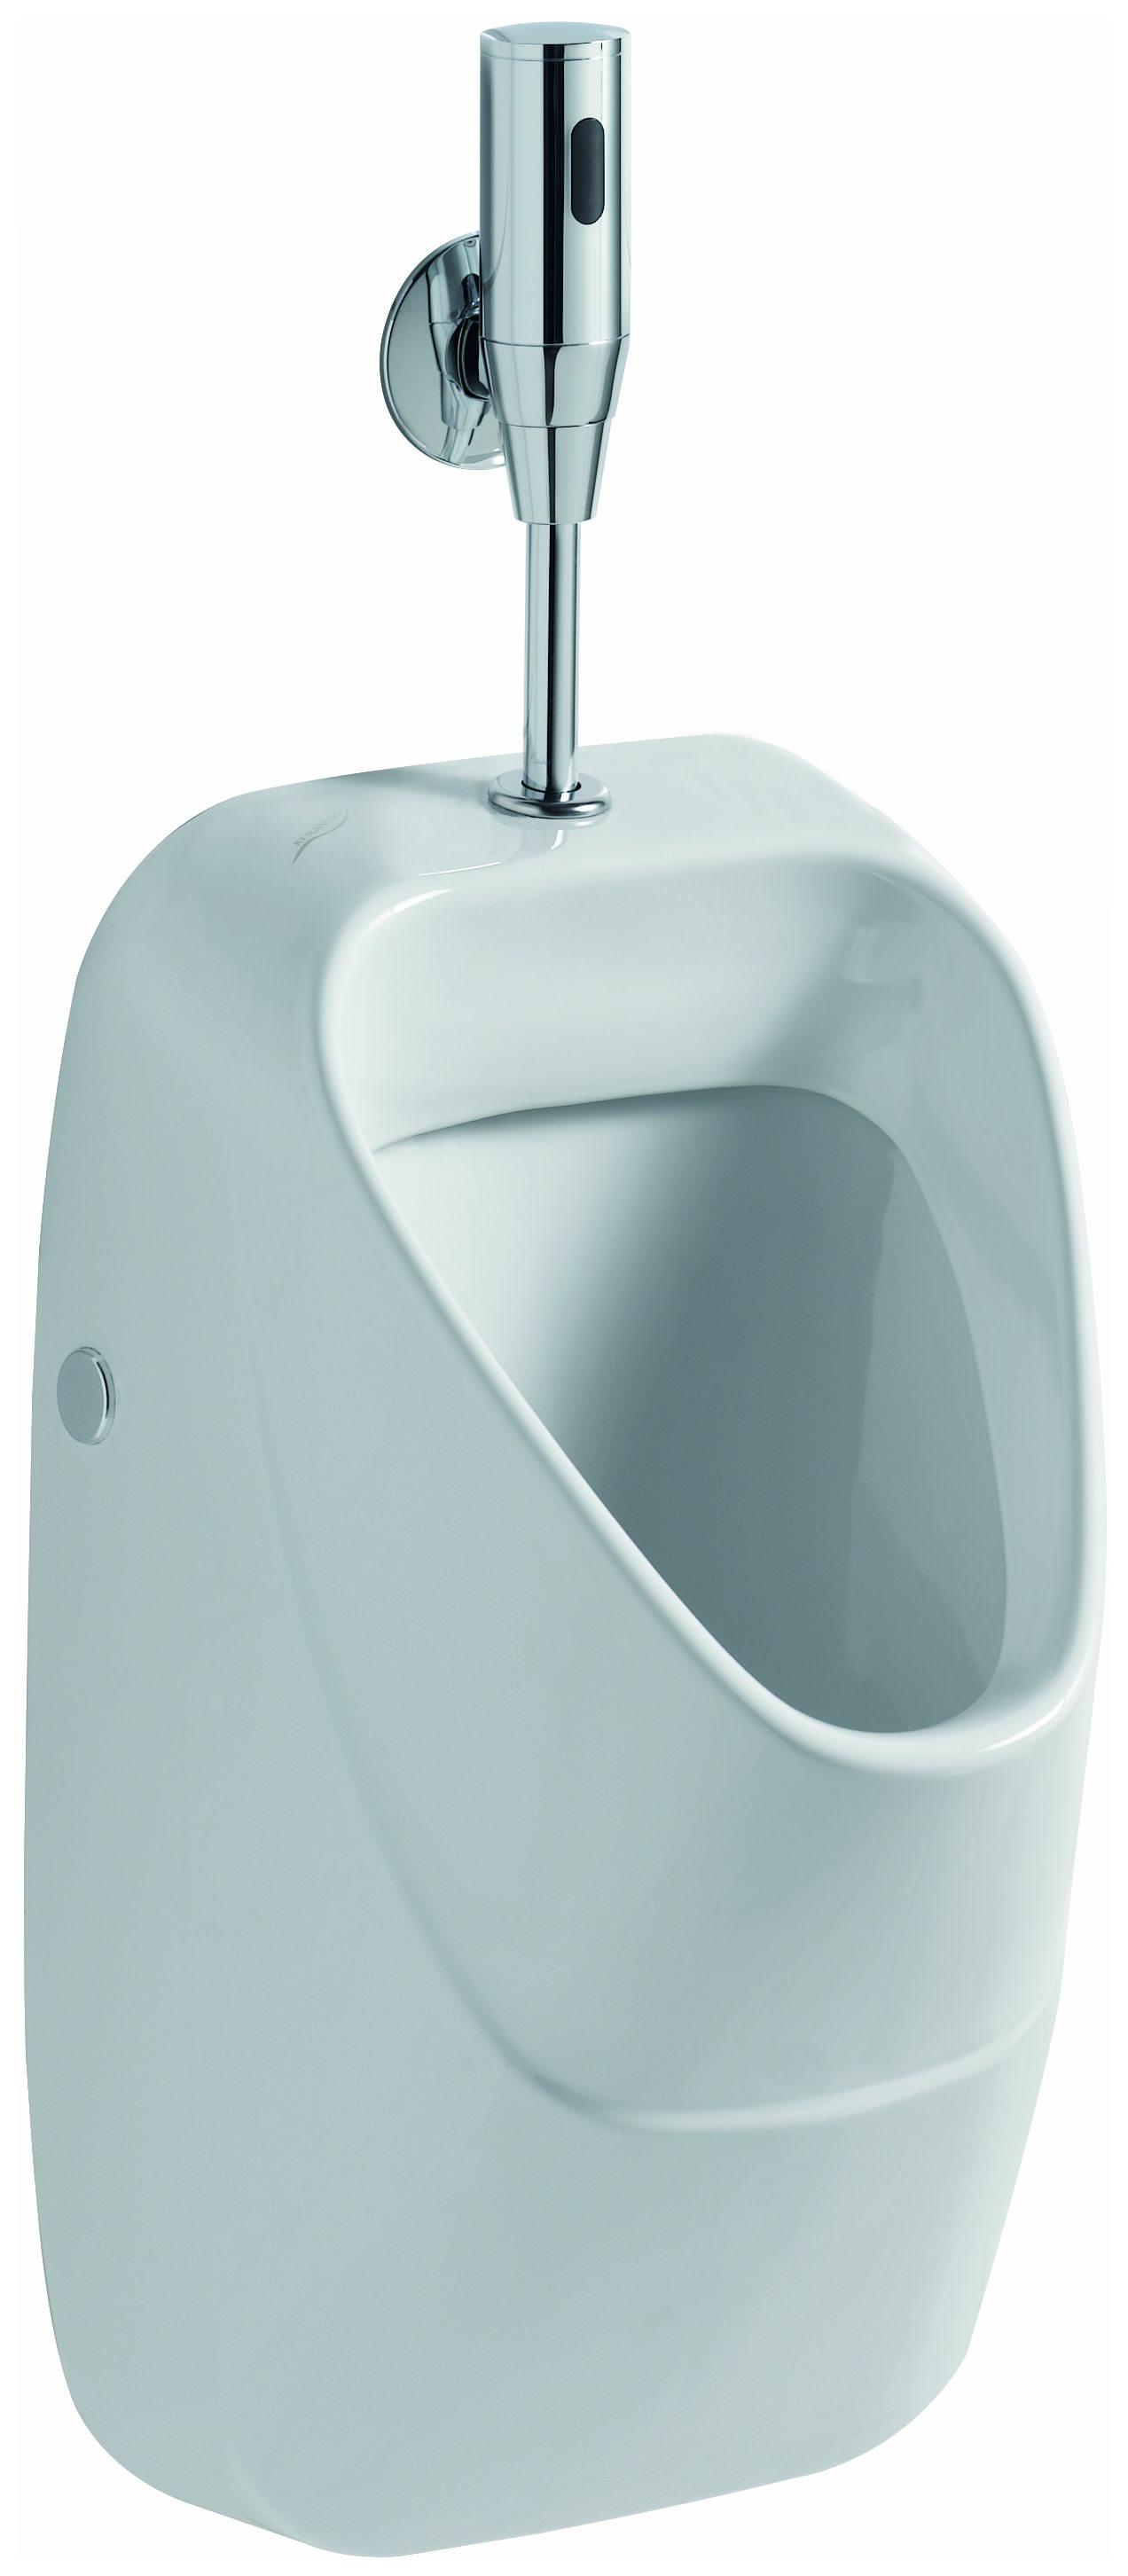 keramag alivio urinal zulauf von oben abgang hinten oder unten wei alpin 238150000. Black Bedroom Furniture Sets. Home Design Ideas